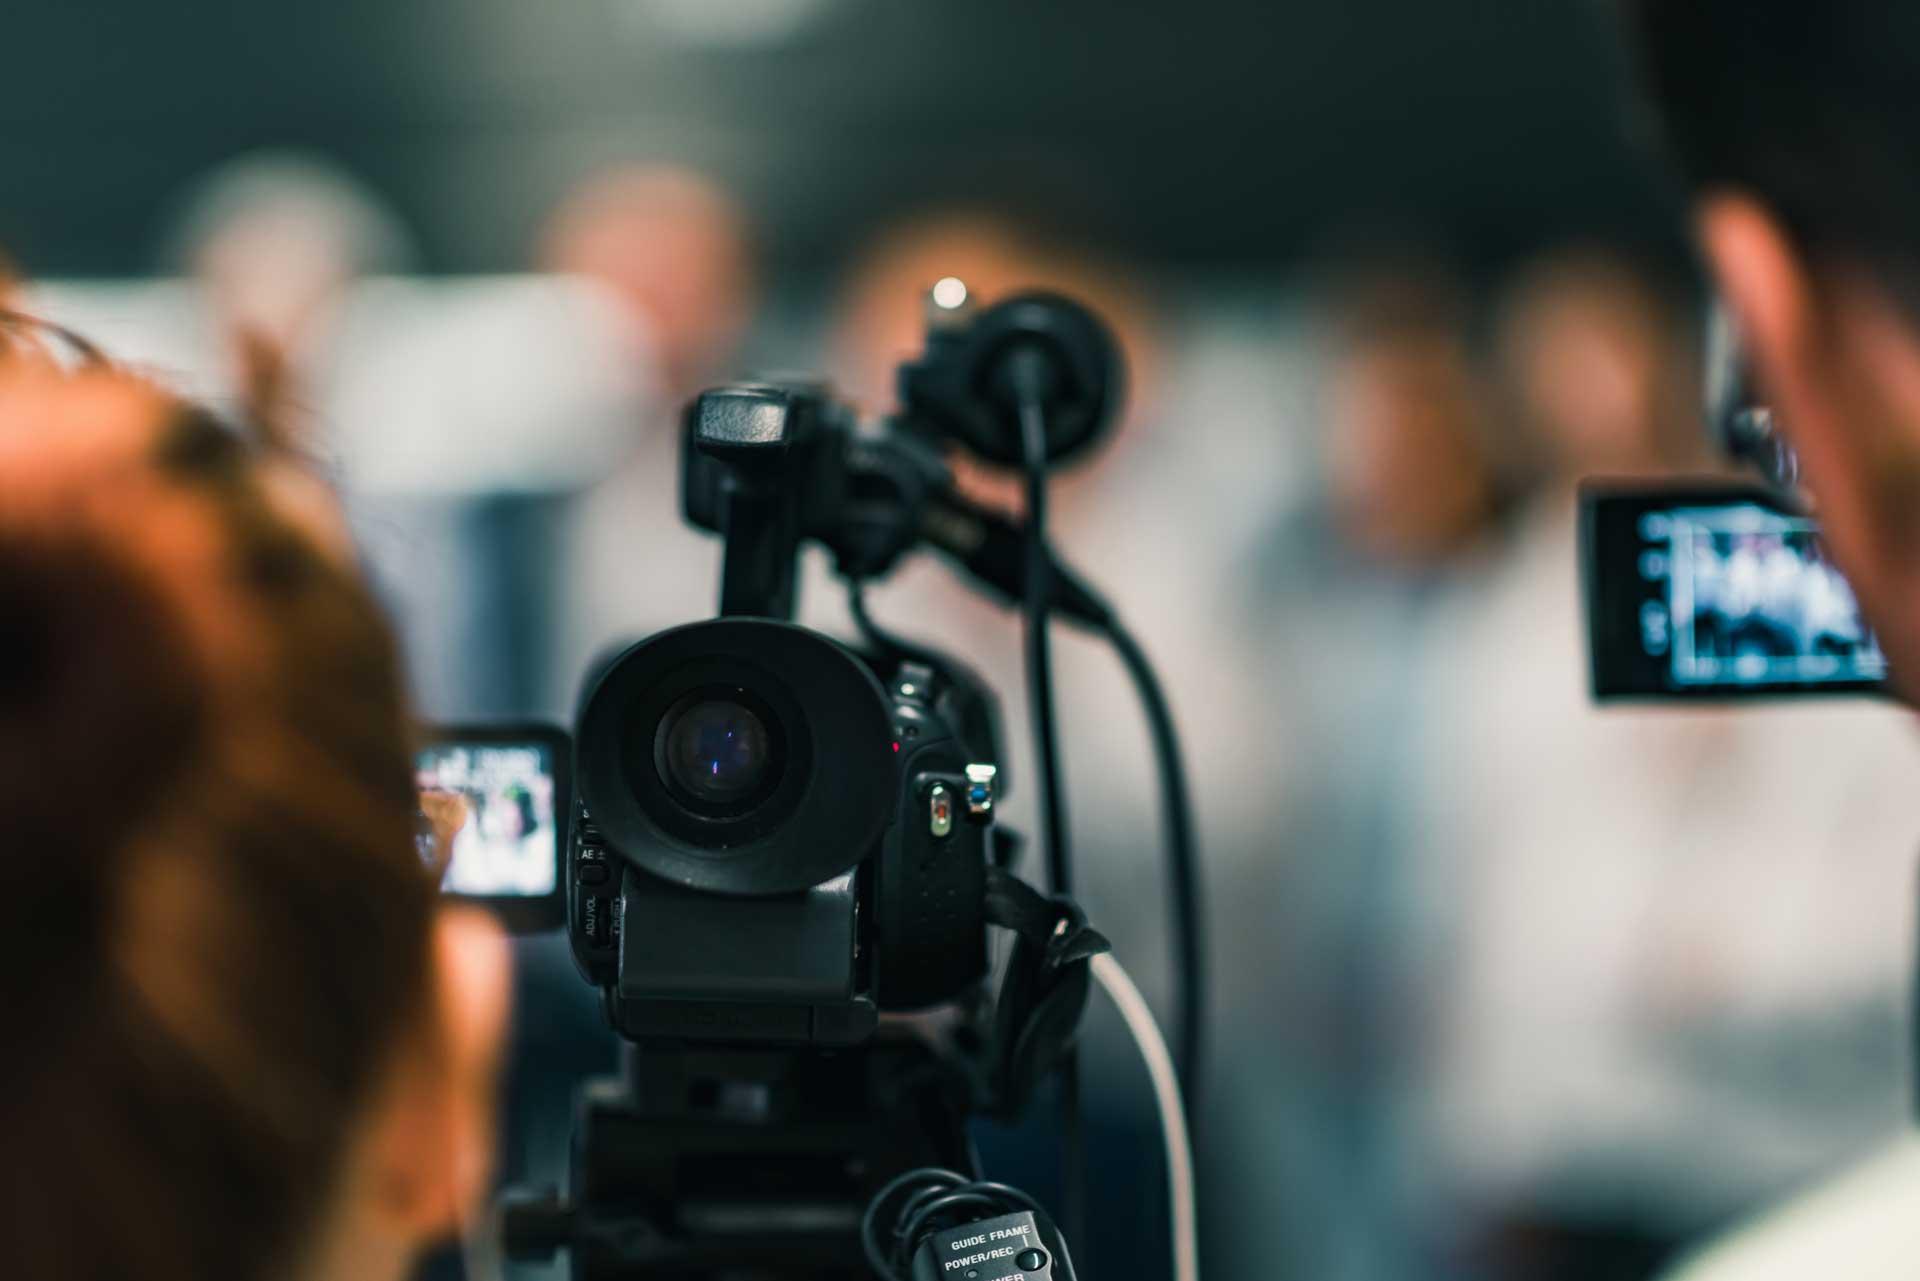 Els drs. Costa Vila i Prats parlen sobre cirurgia refractiva i faco-refractiva a Esplugues TV